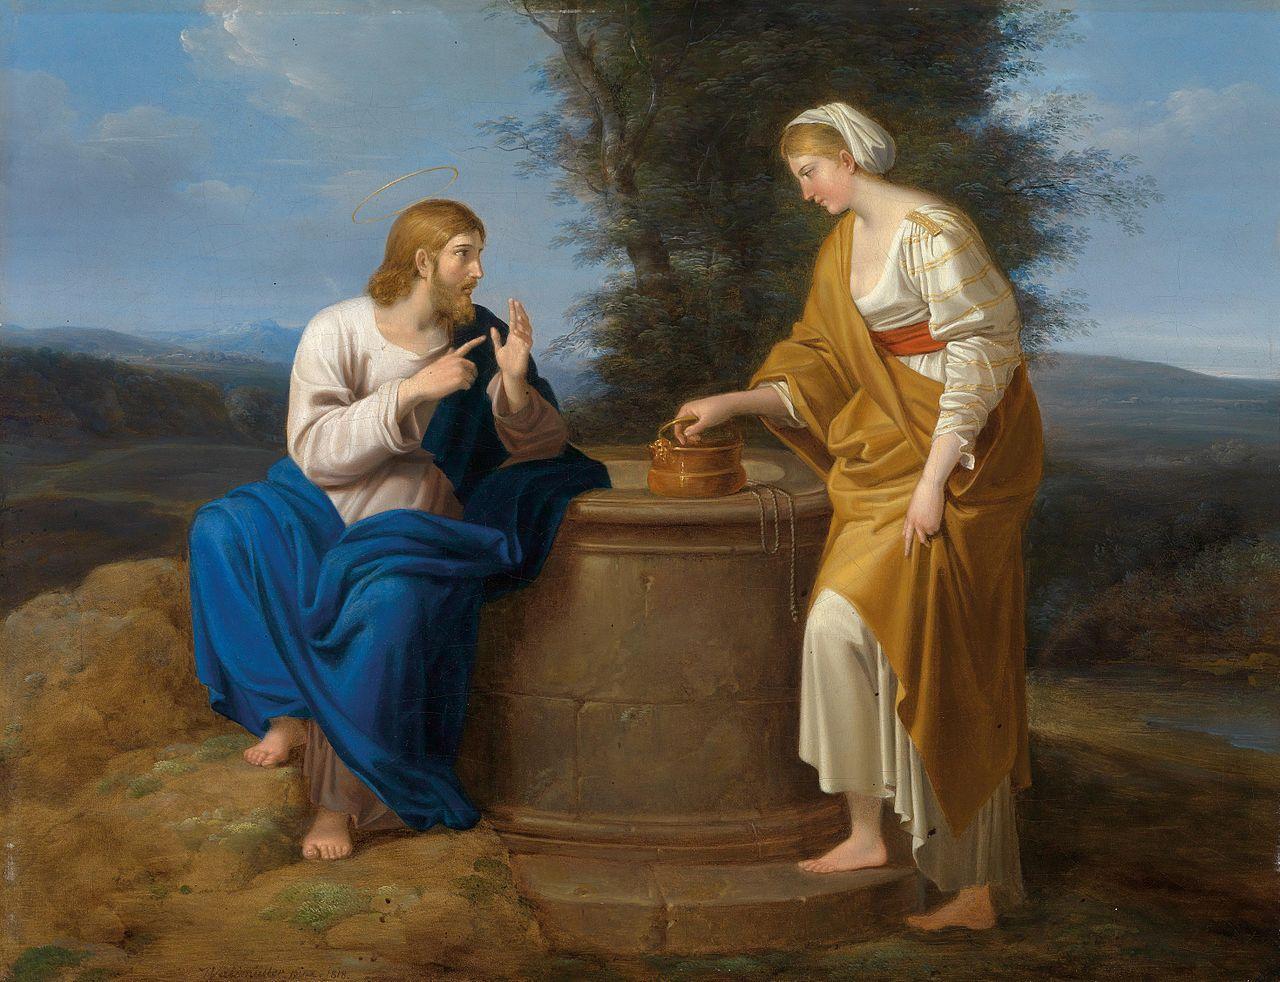 Rencontre entre le Christ et la Samaritaine